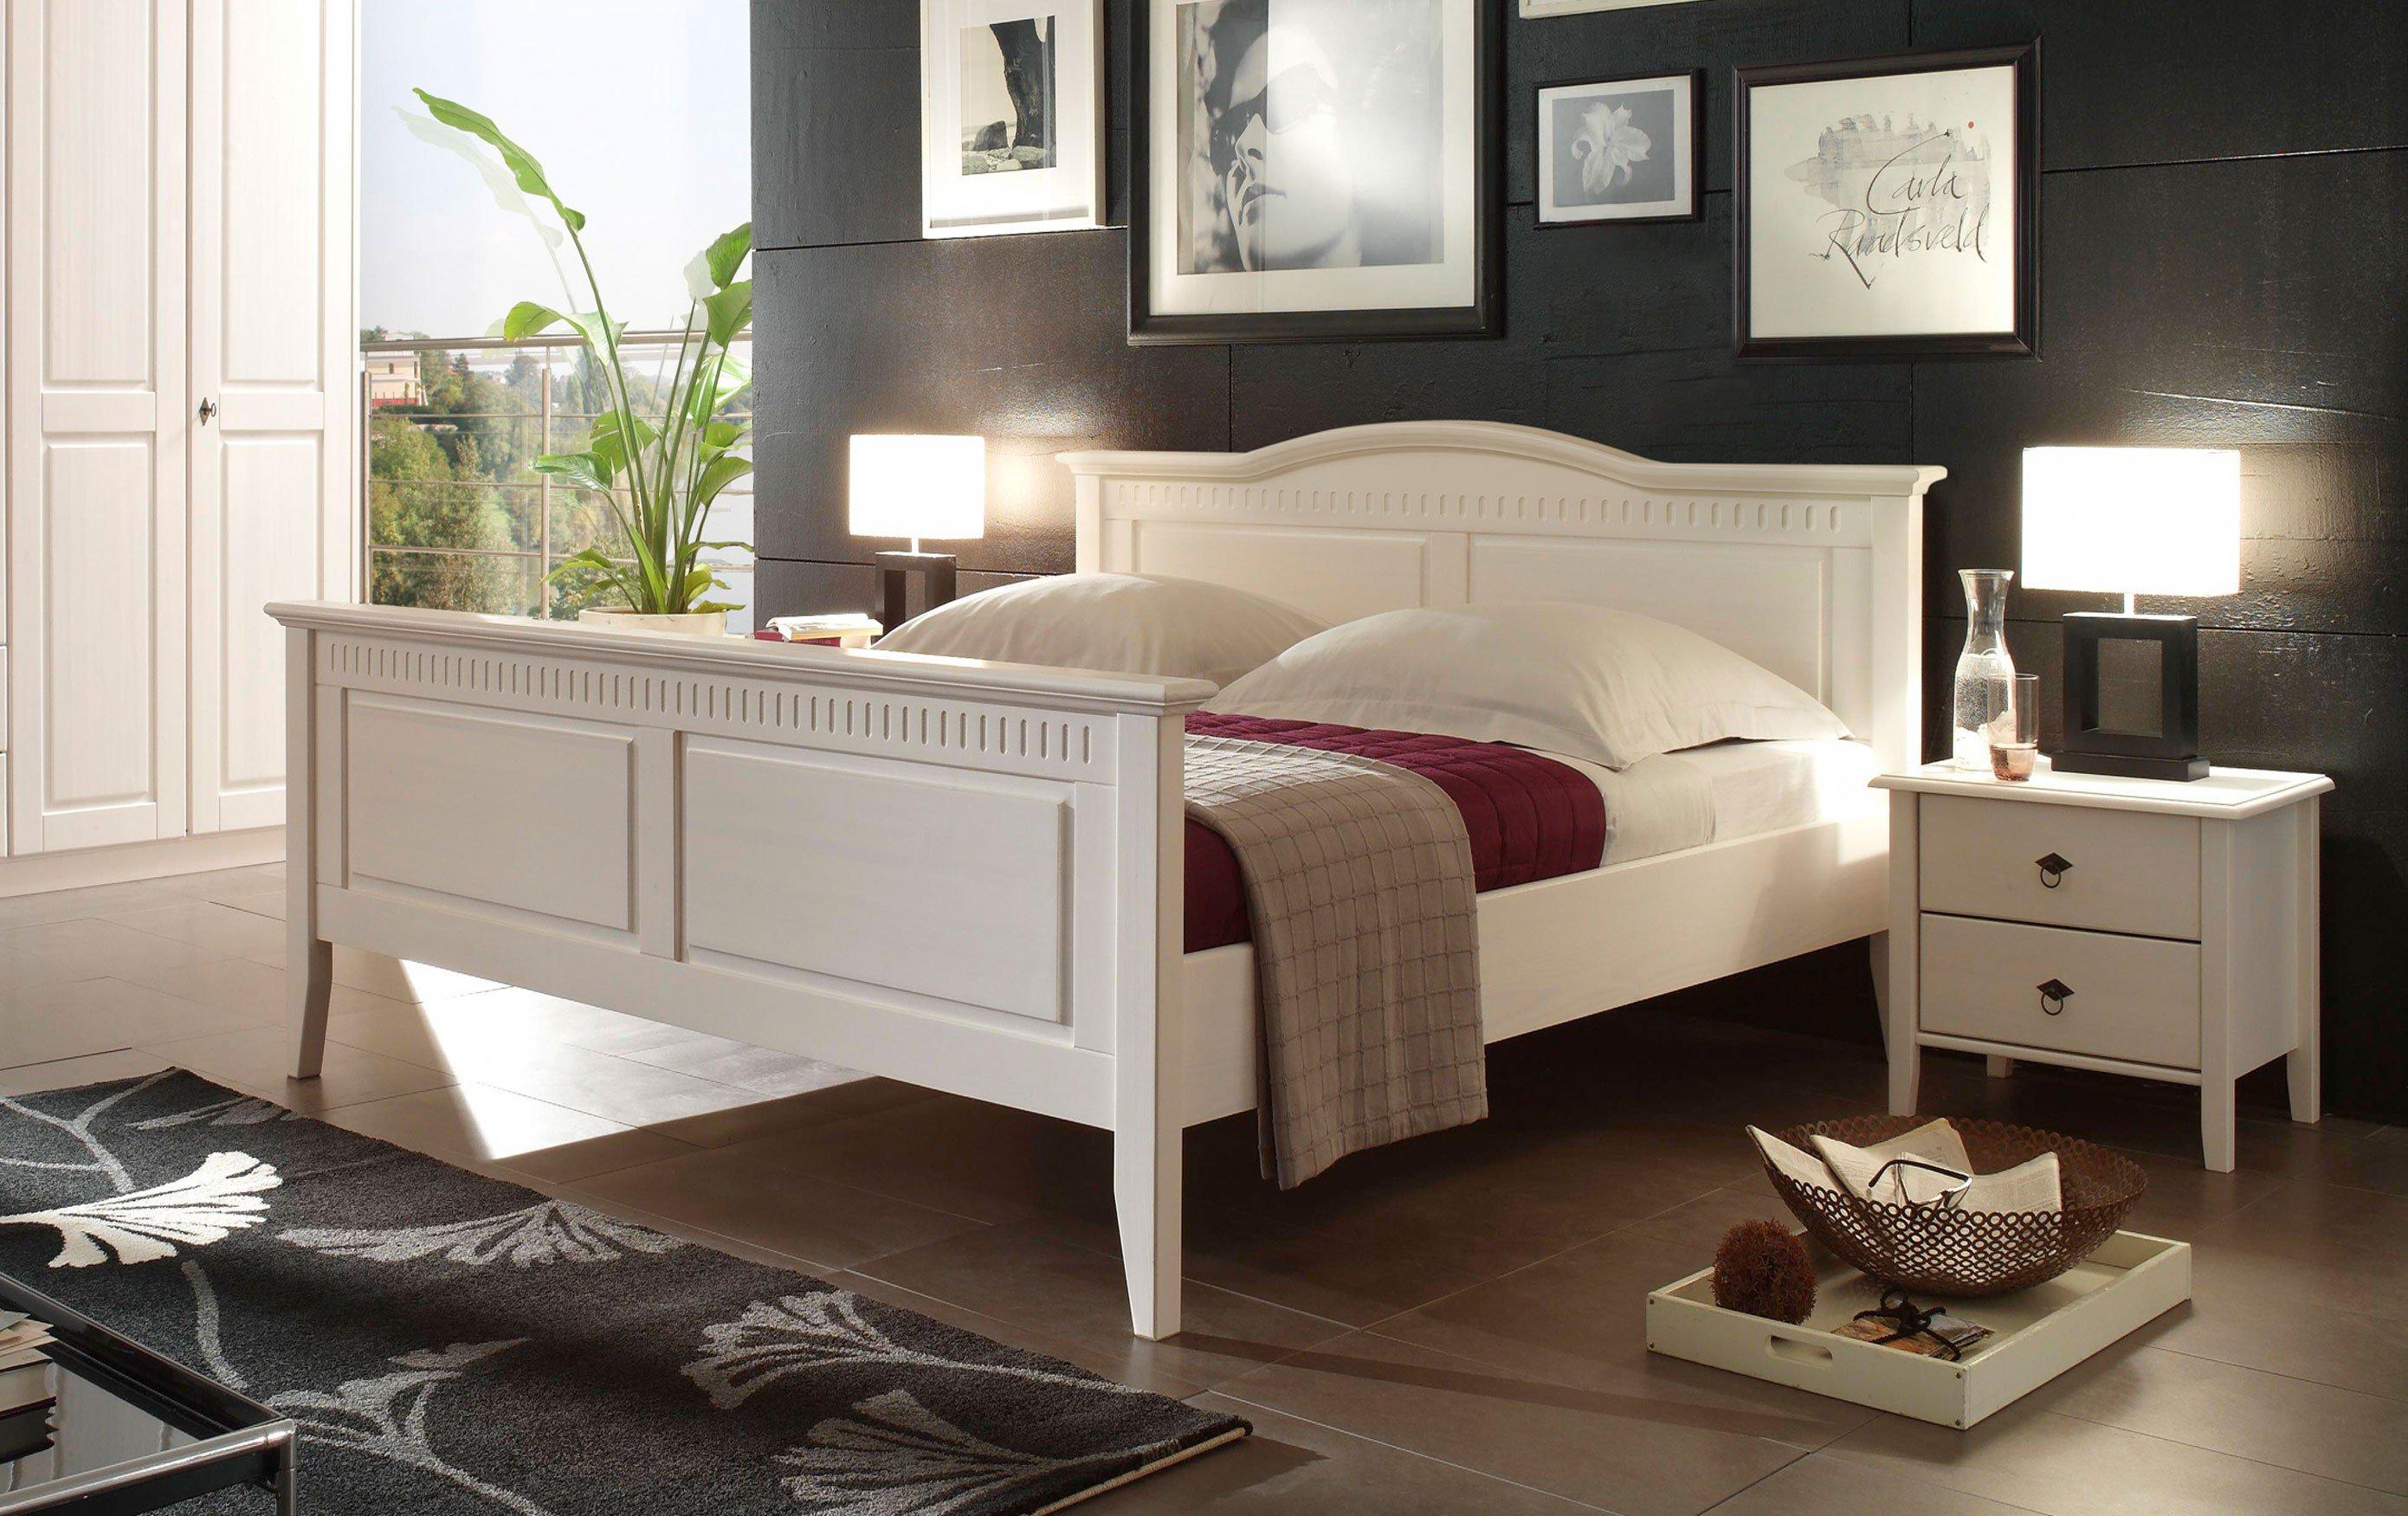 Bozen II Von Forestdream   Bett Im Landhausstil In Weiß